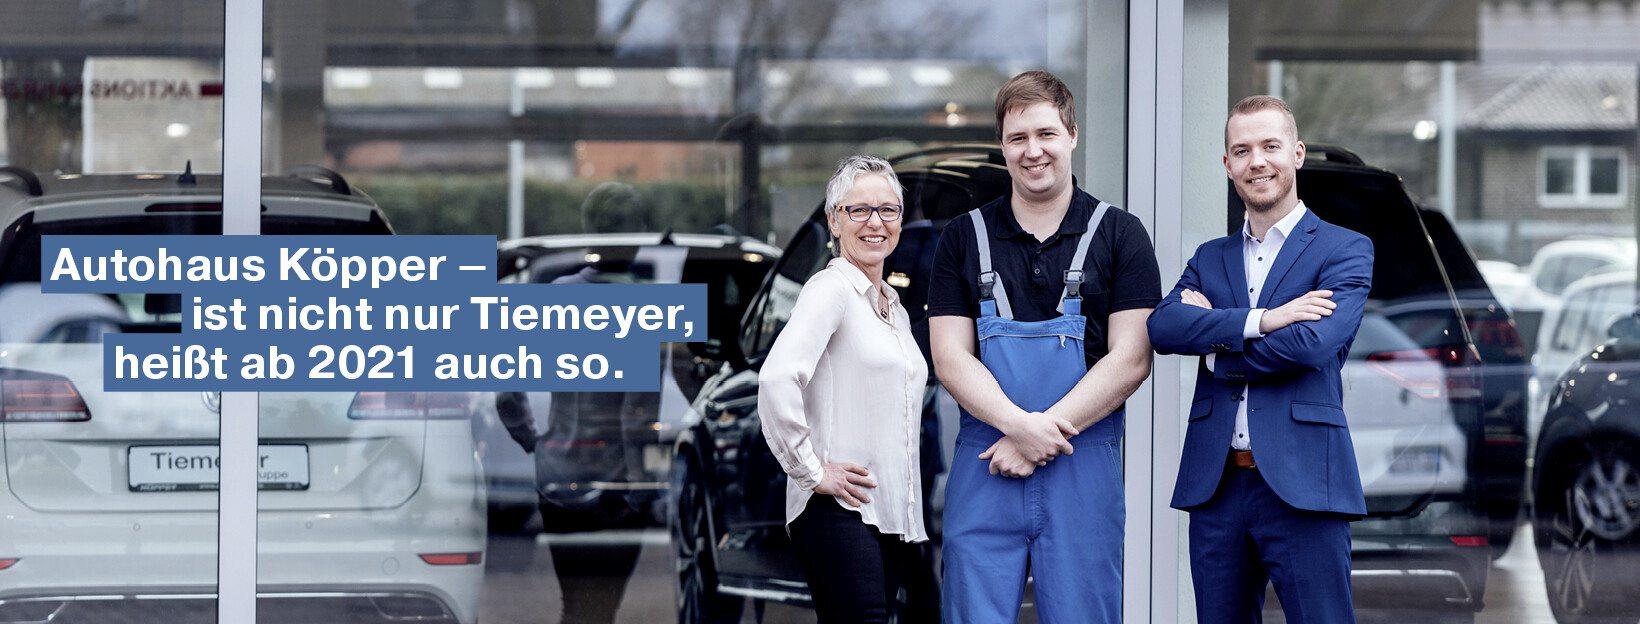 Tiemeyer Rent Standort Dorsten VW